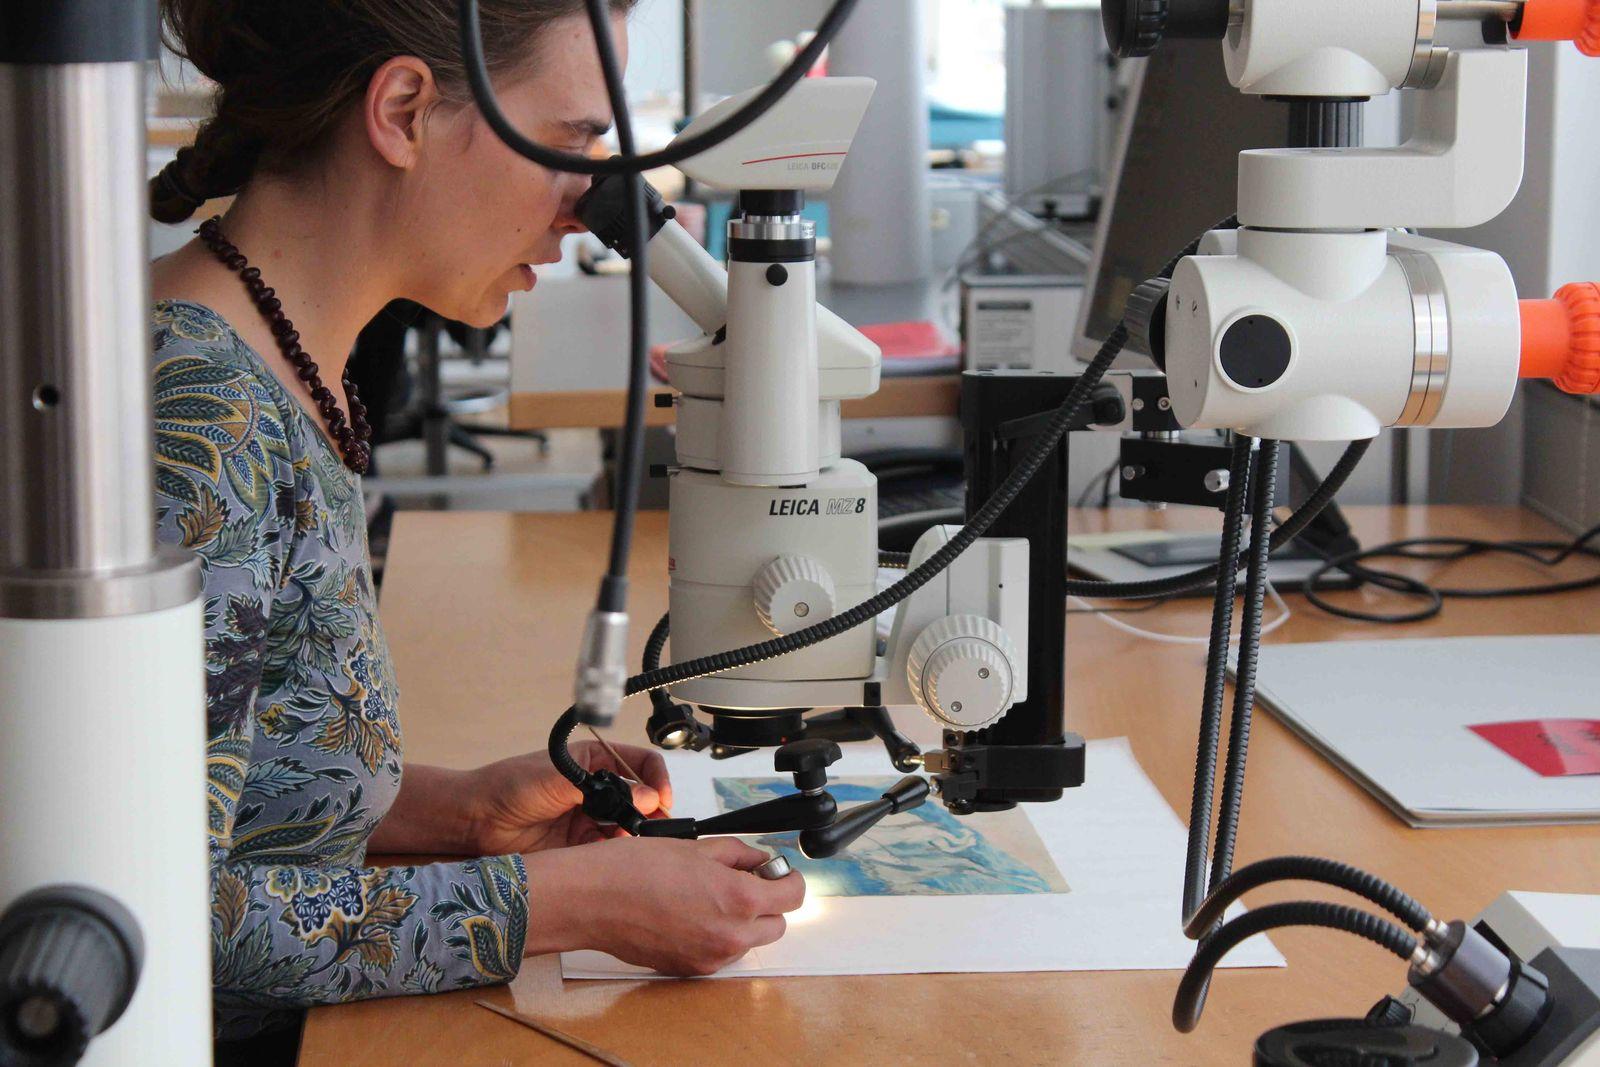 Antje Penz bei der Restaurierung von Aquarellen am Mikroskop. © Staatliche Museen zu Berlin / Christof Hannemann